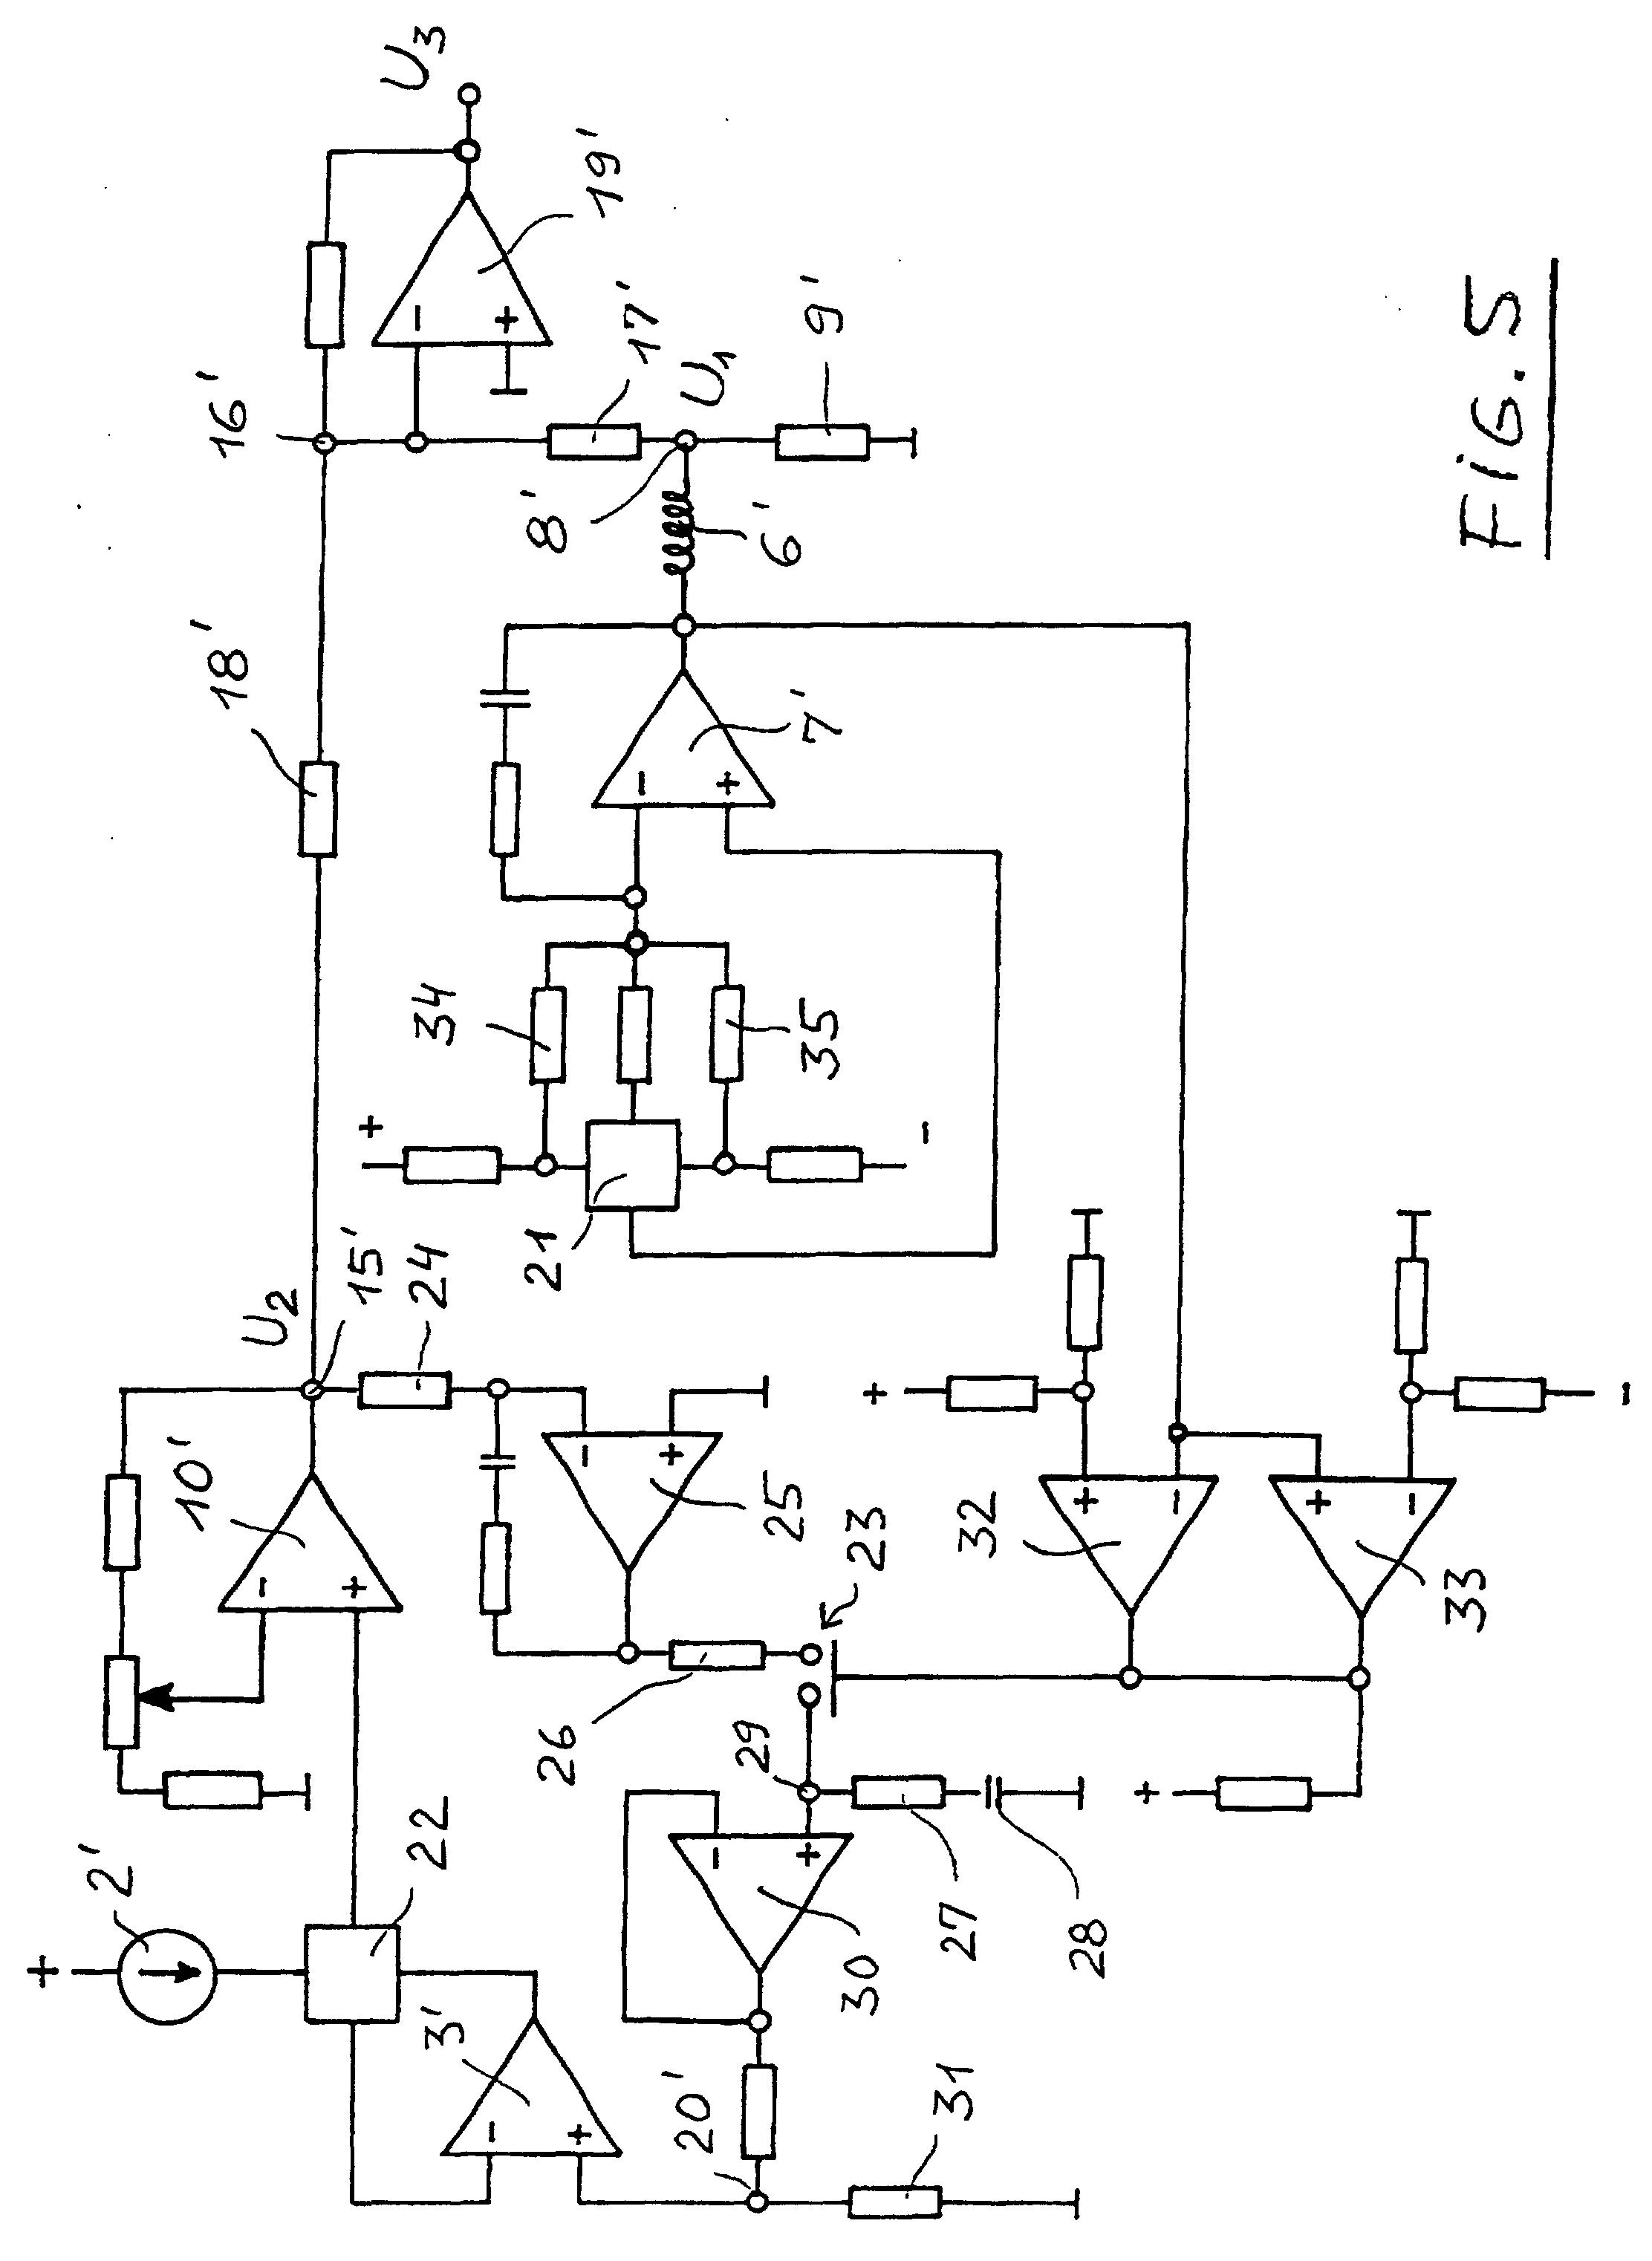 patent ep0738894b1 dispositif capteur de courant d tecteur de champ magn tique google patents. Black Bedroom Furniture Sets. Home Design Ideas